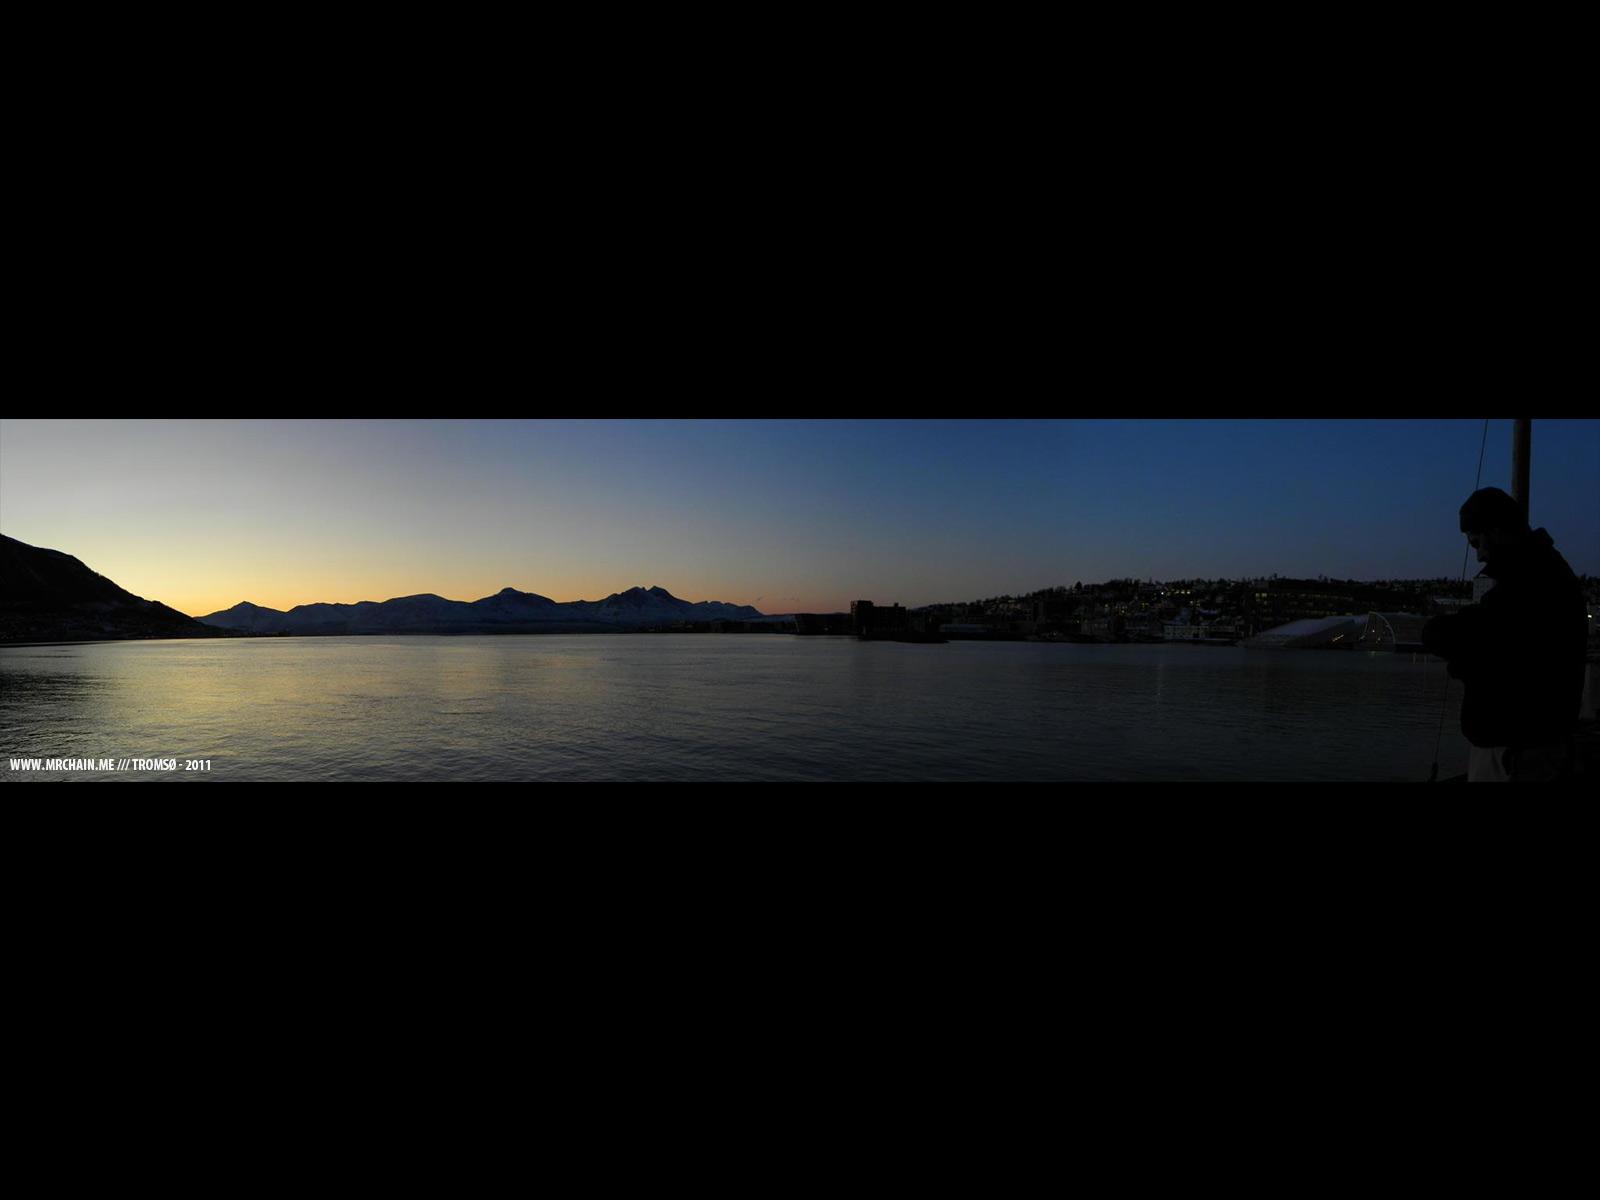 180s (Panoramic)